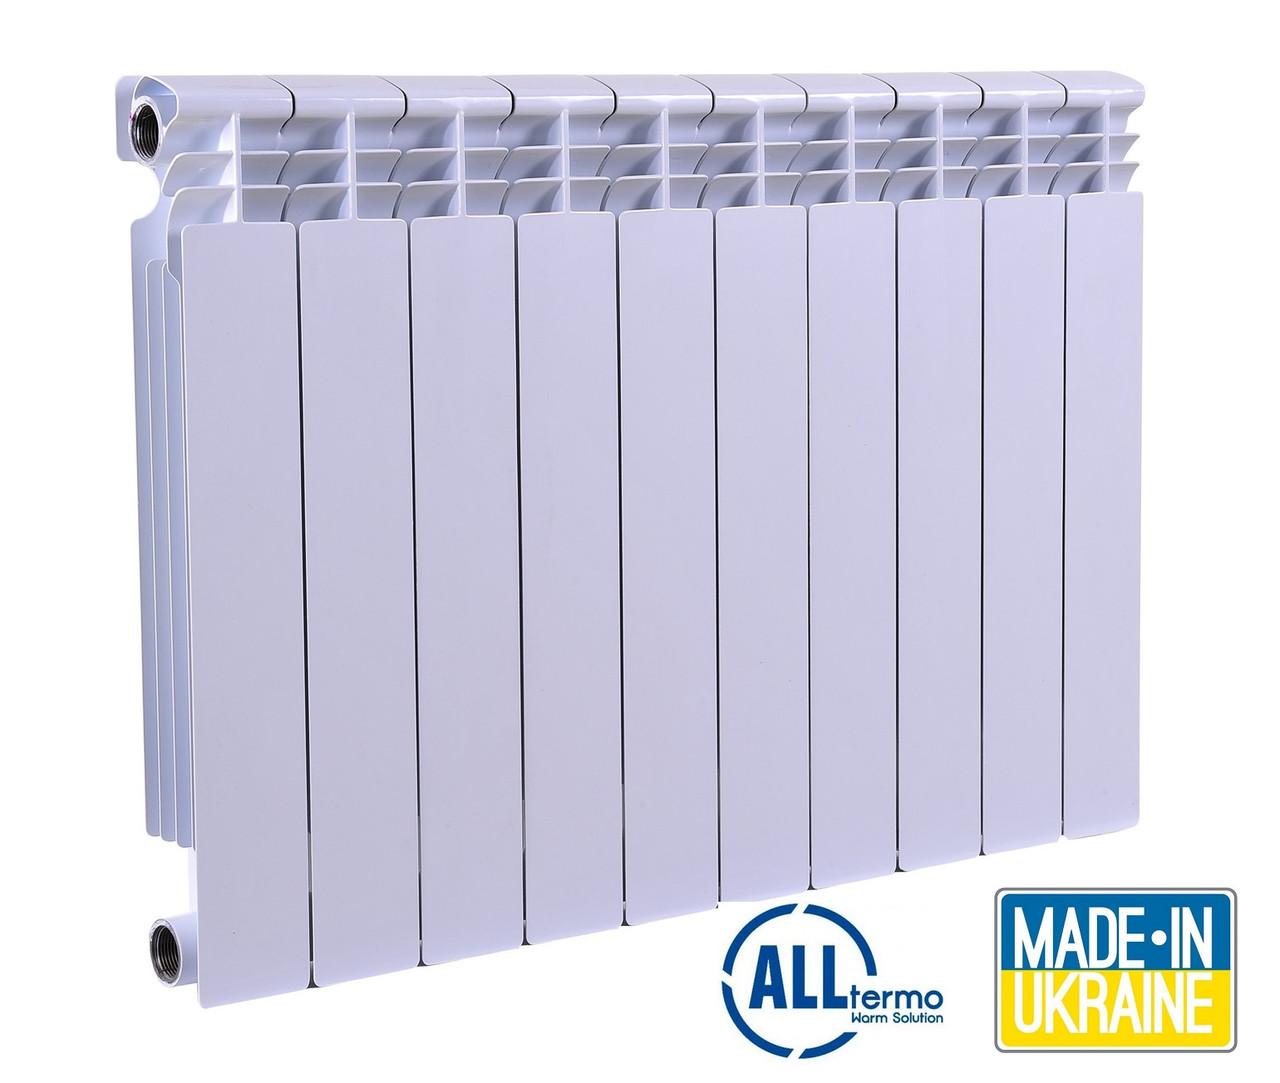 Алюминиевые радиаторы Alltermo Uno 500/80 Украина